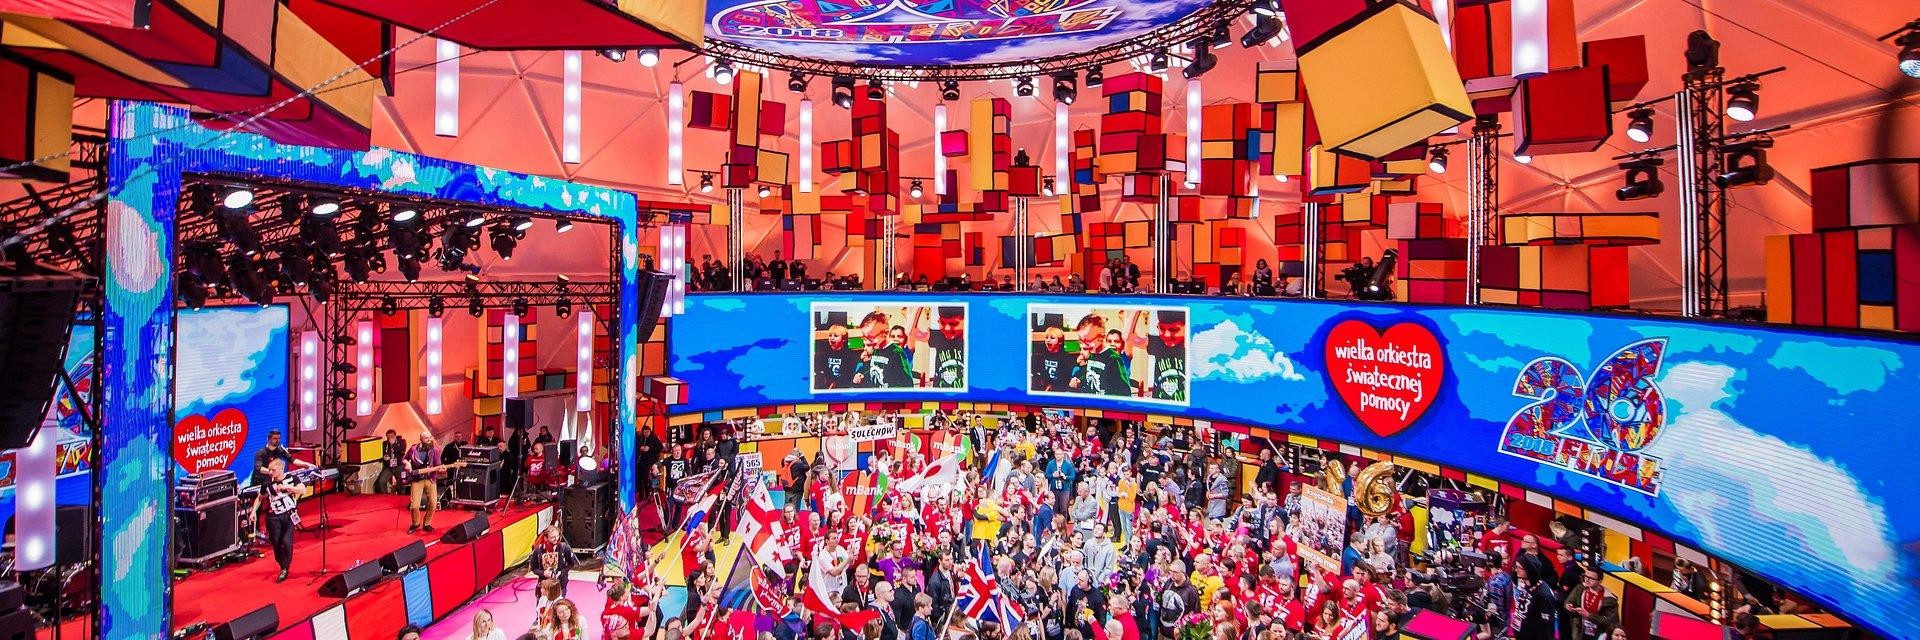 WOŚP nominowana w konkursie Złote Spinacze 2018